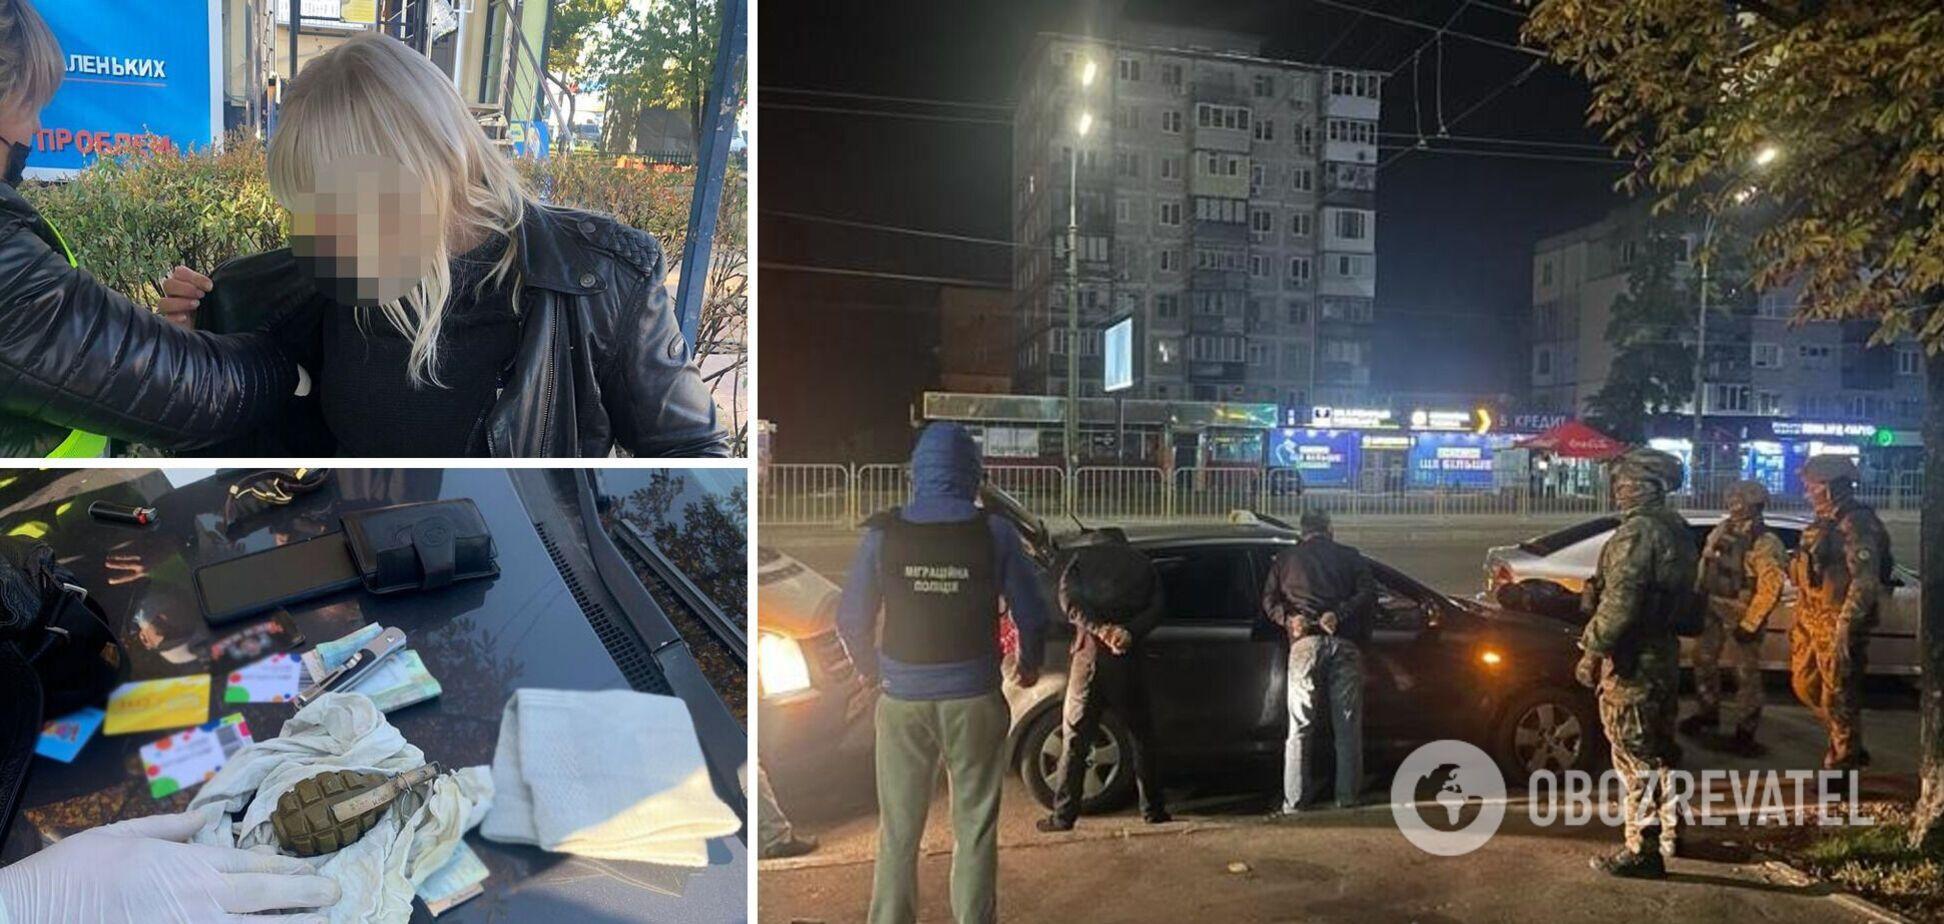 В Киеве задержали банду 'клофелинщиков', на счету которых ограбления и смерть человека. Фото и видео